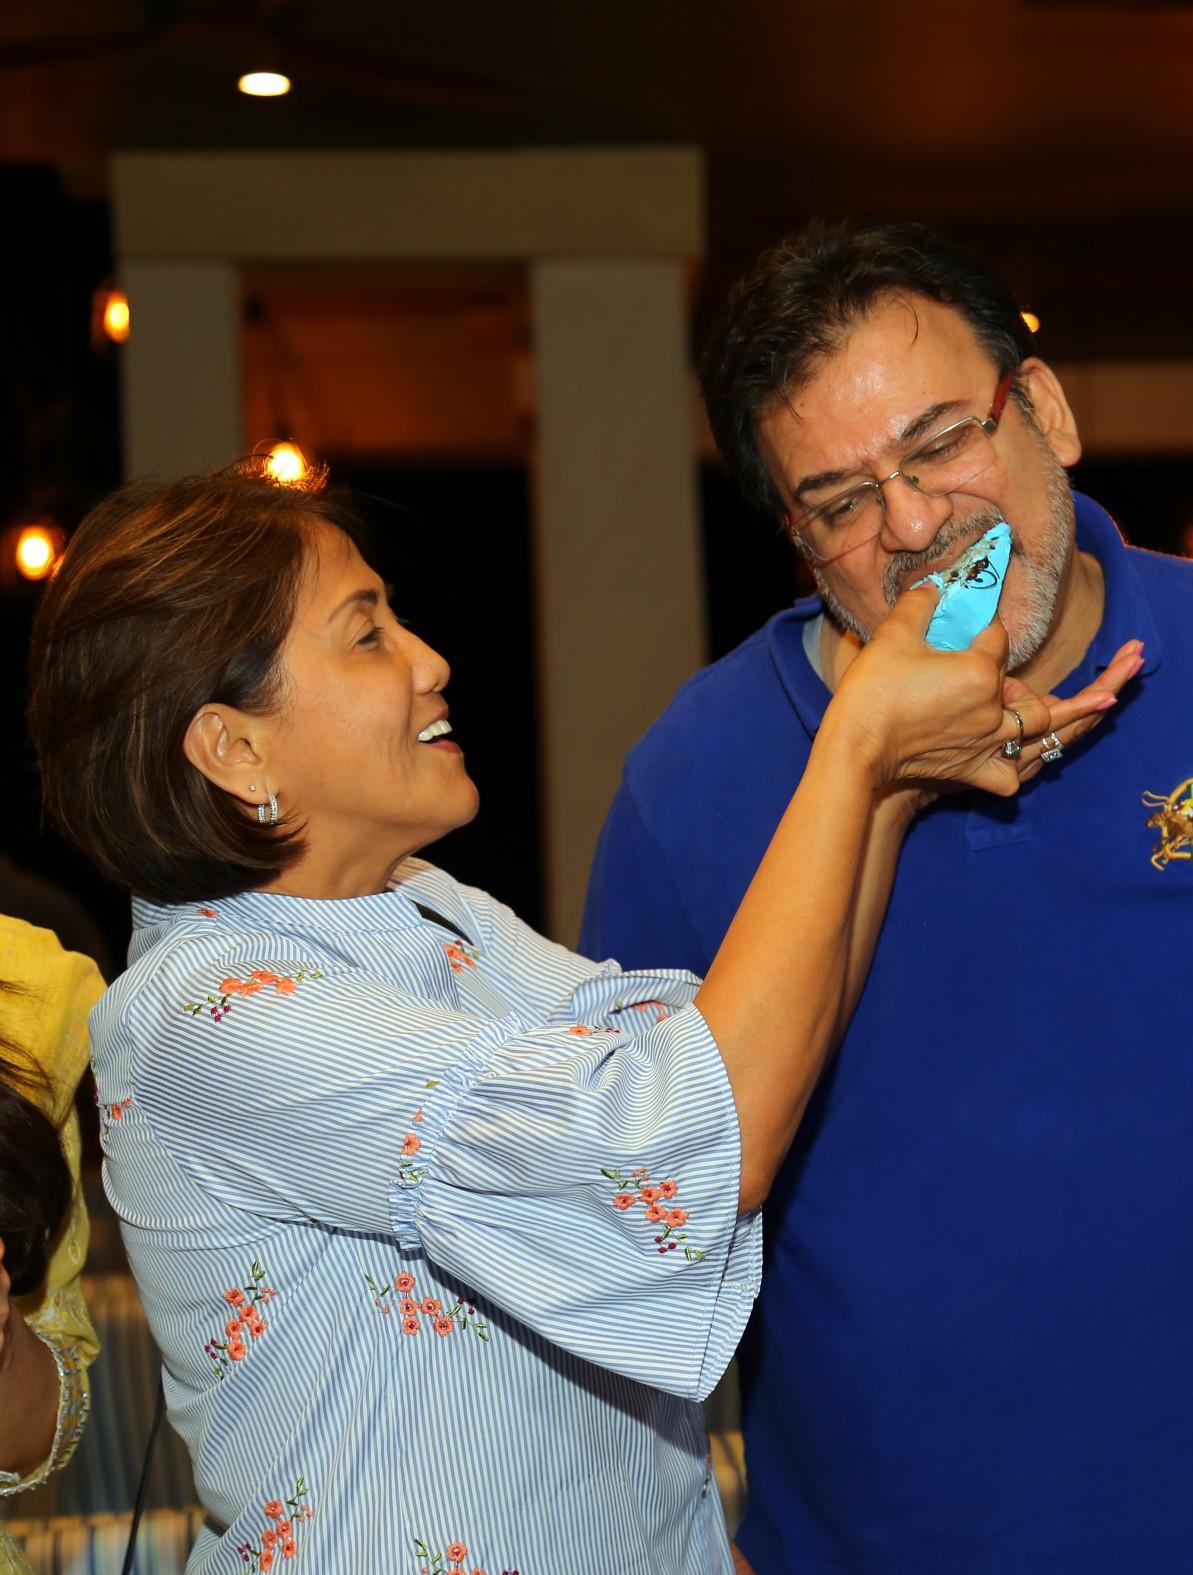 'பாரிஸ் பாரிஸ்' ஷூட்டிங் ஸ்பாட்டில் நடந்த பிறந்தநாள் கொண்டாட்டம்..!